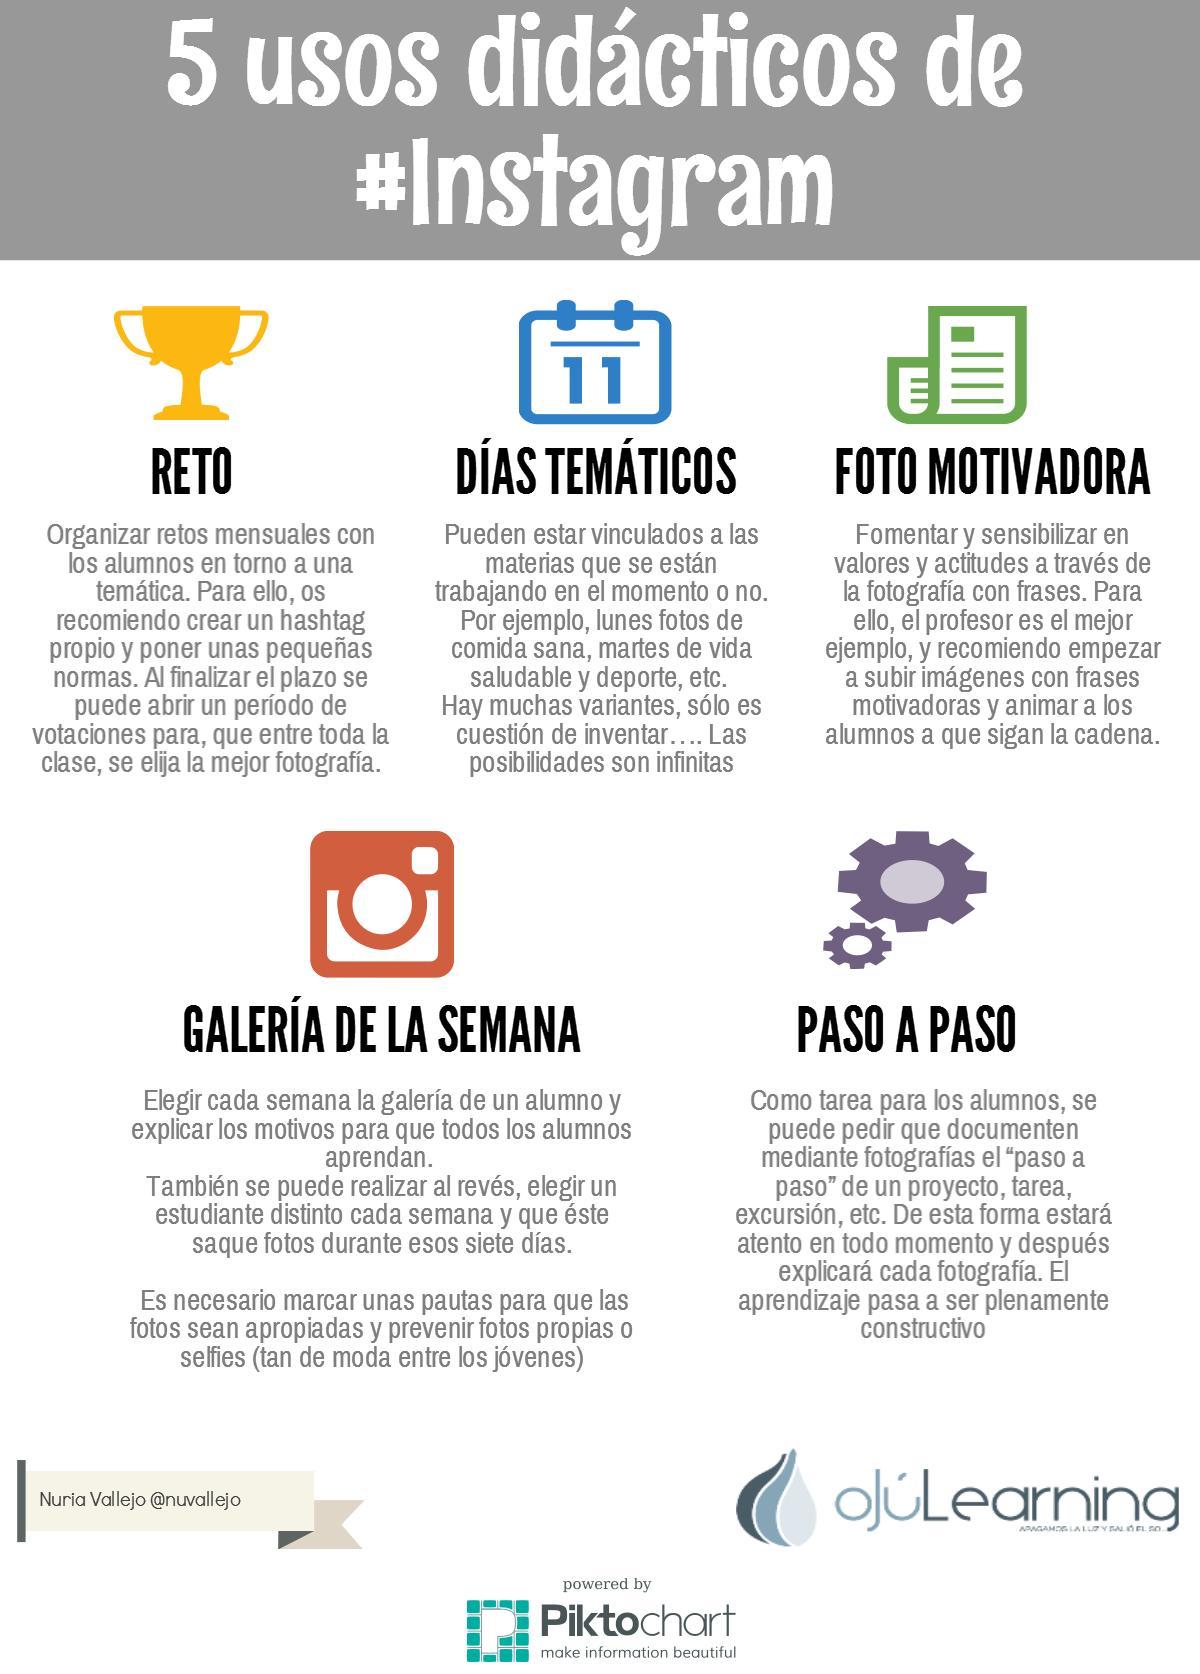 Infografía Usos didácticos de Instagram